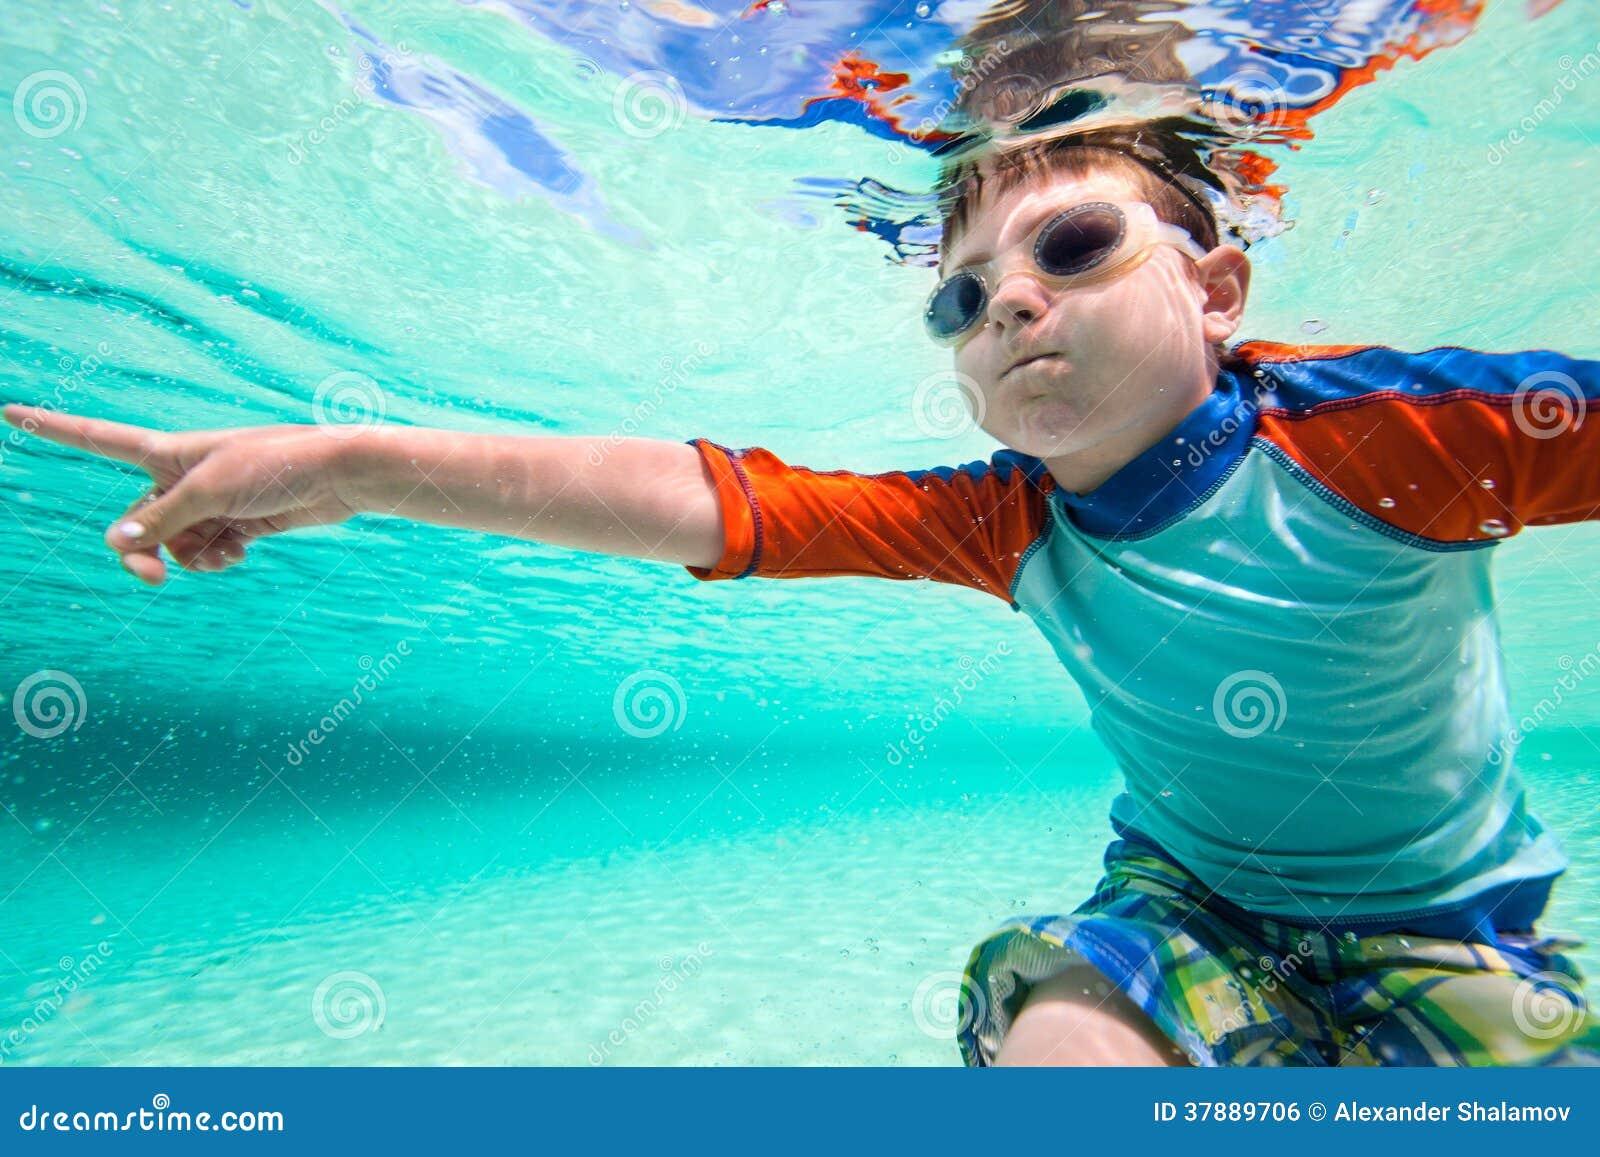 Jongen onderwater zwemmen